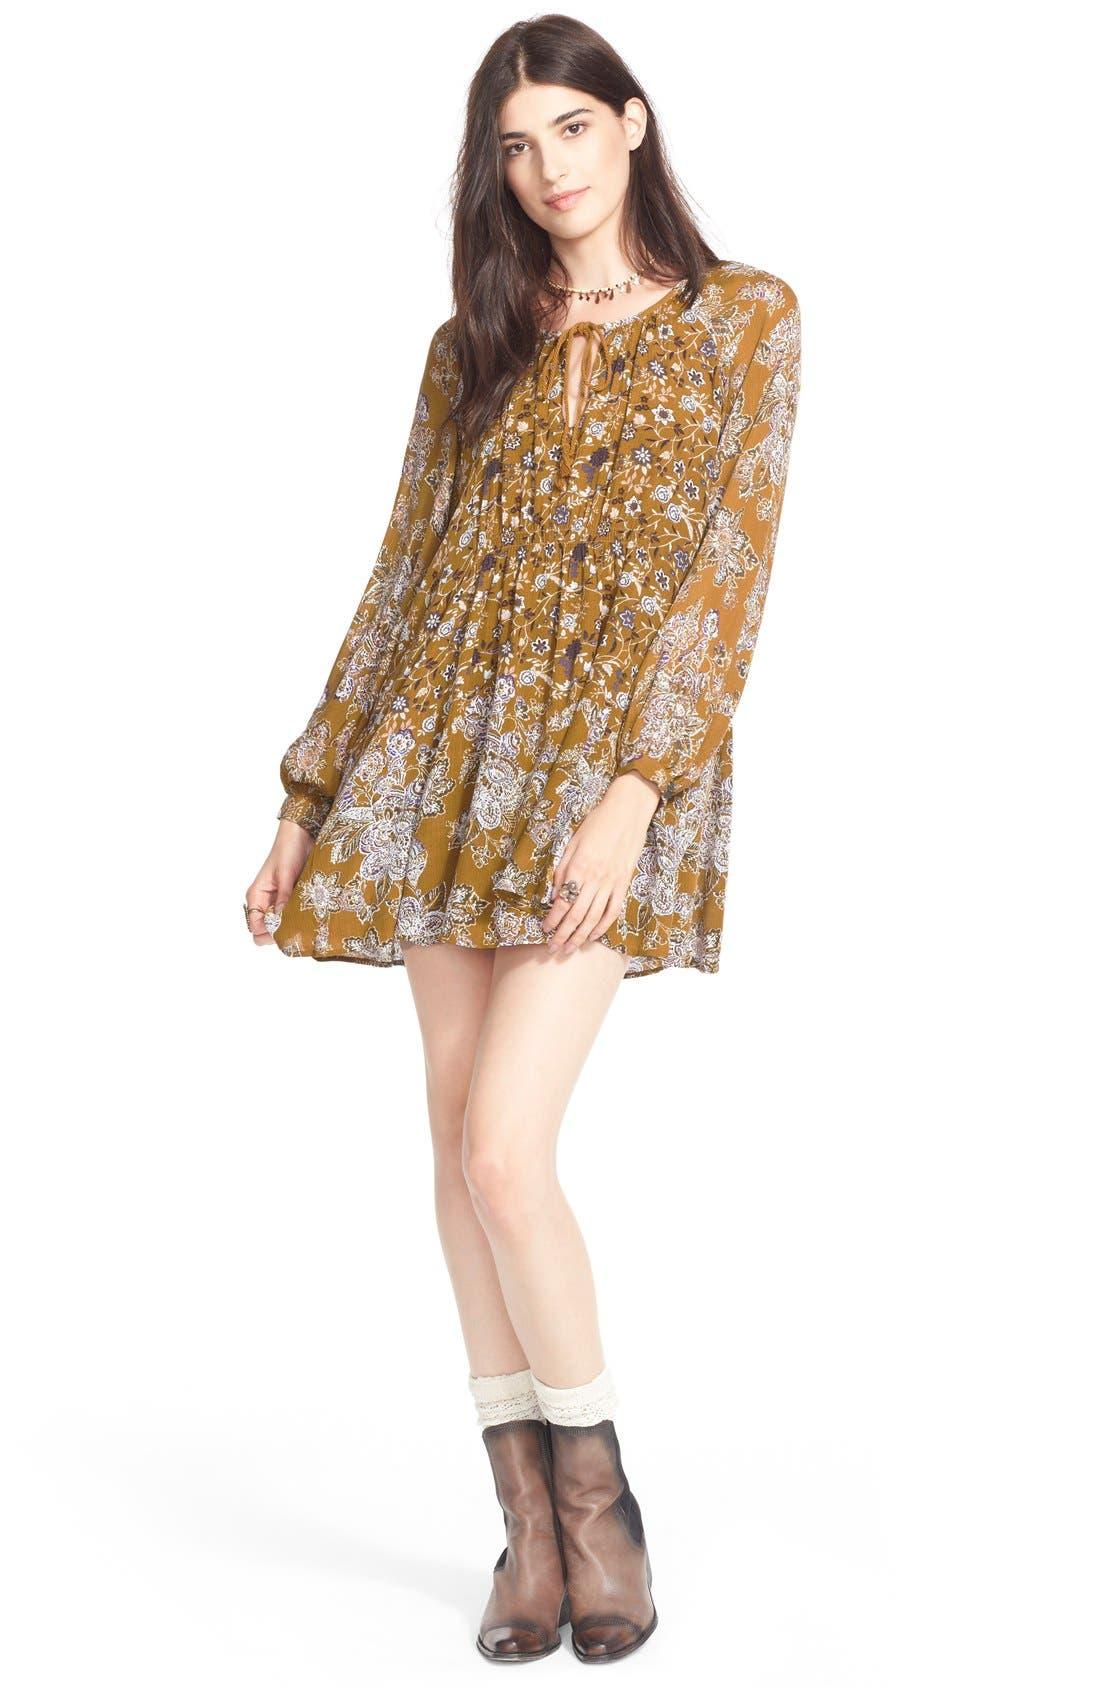 Alternate Image 1 Selected - Free People 'Lucky Loosie' Swing Dress